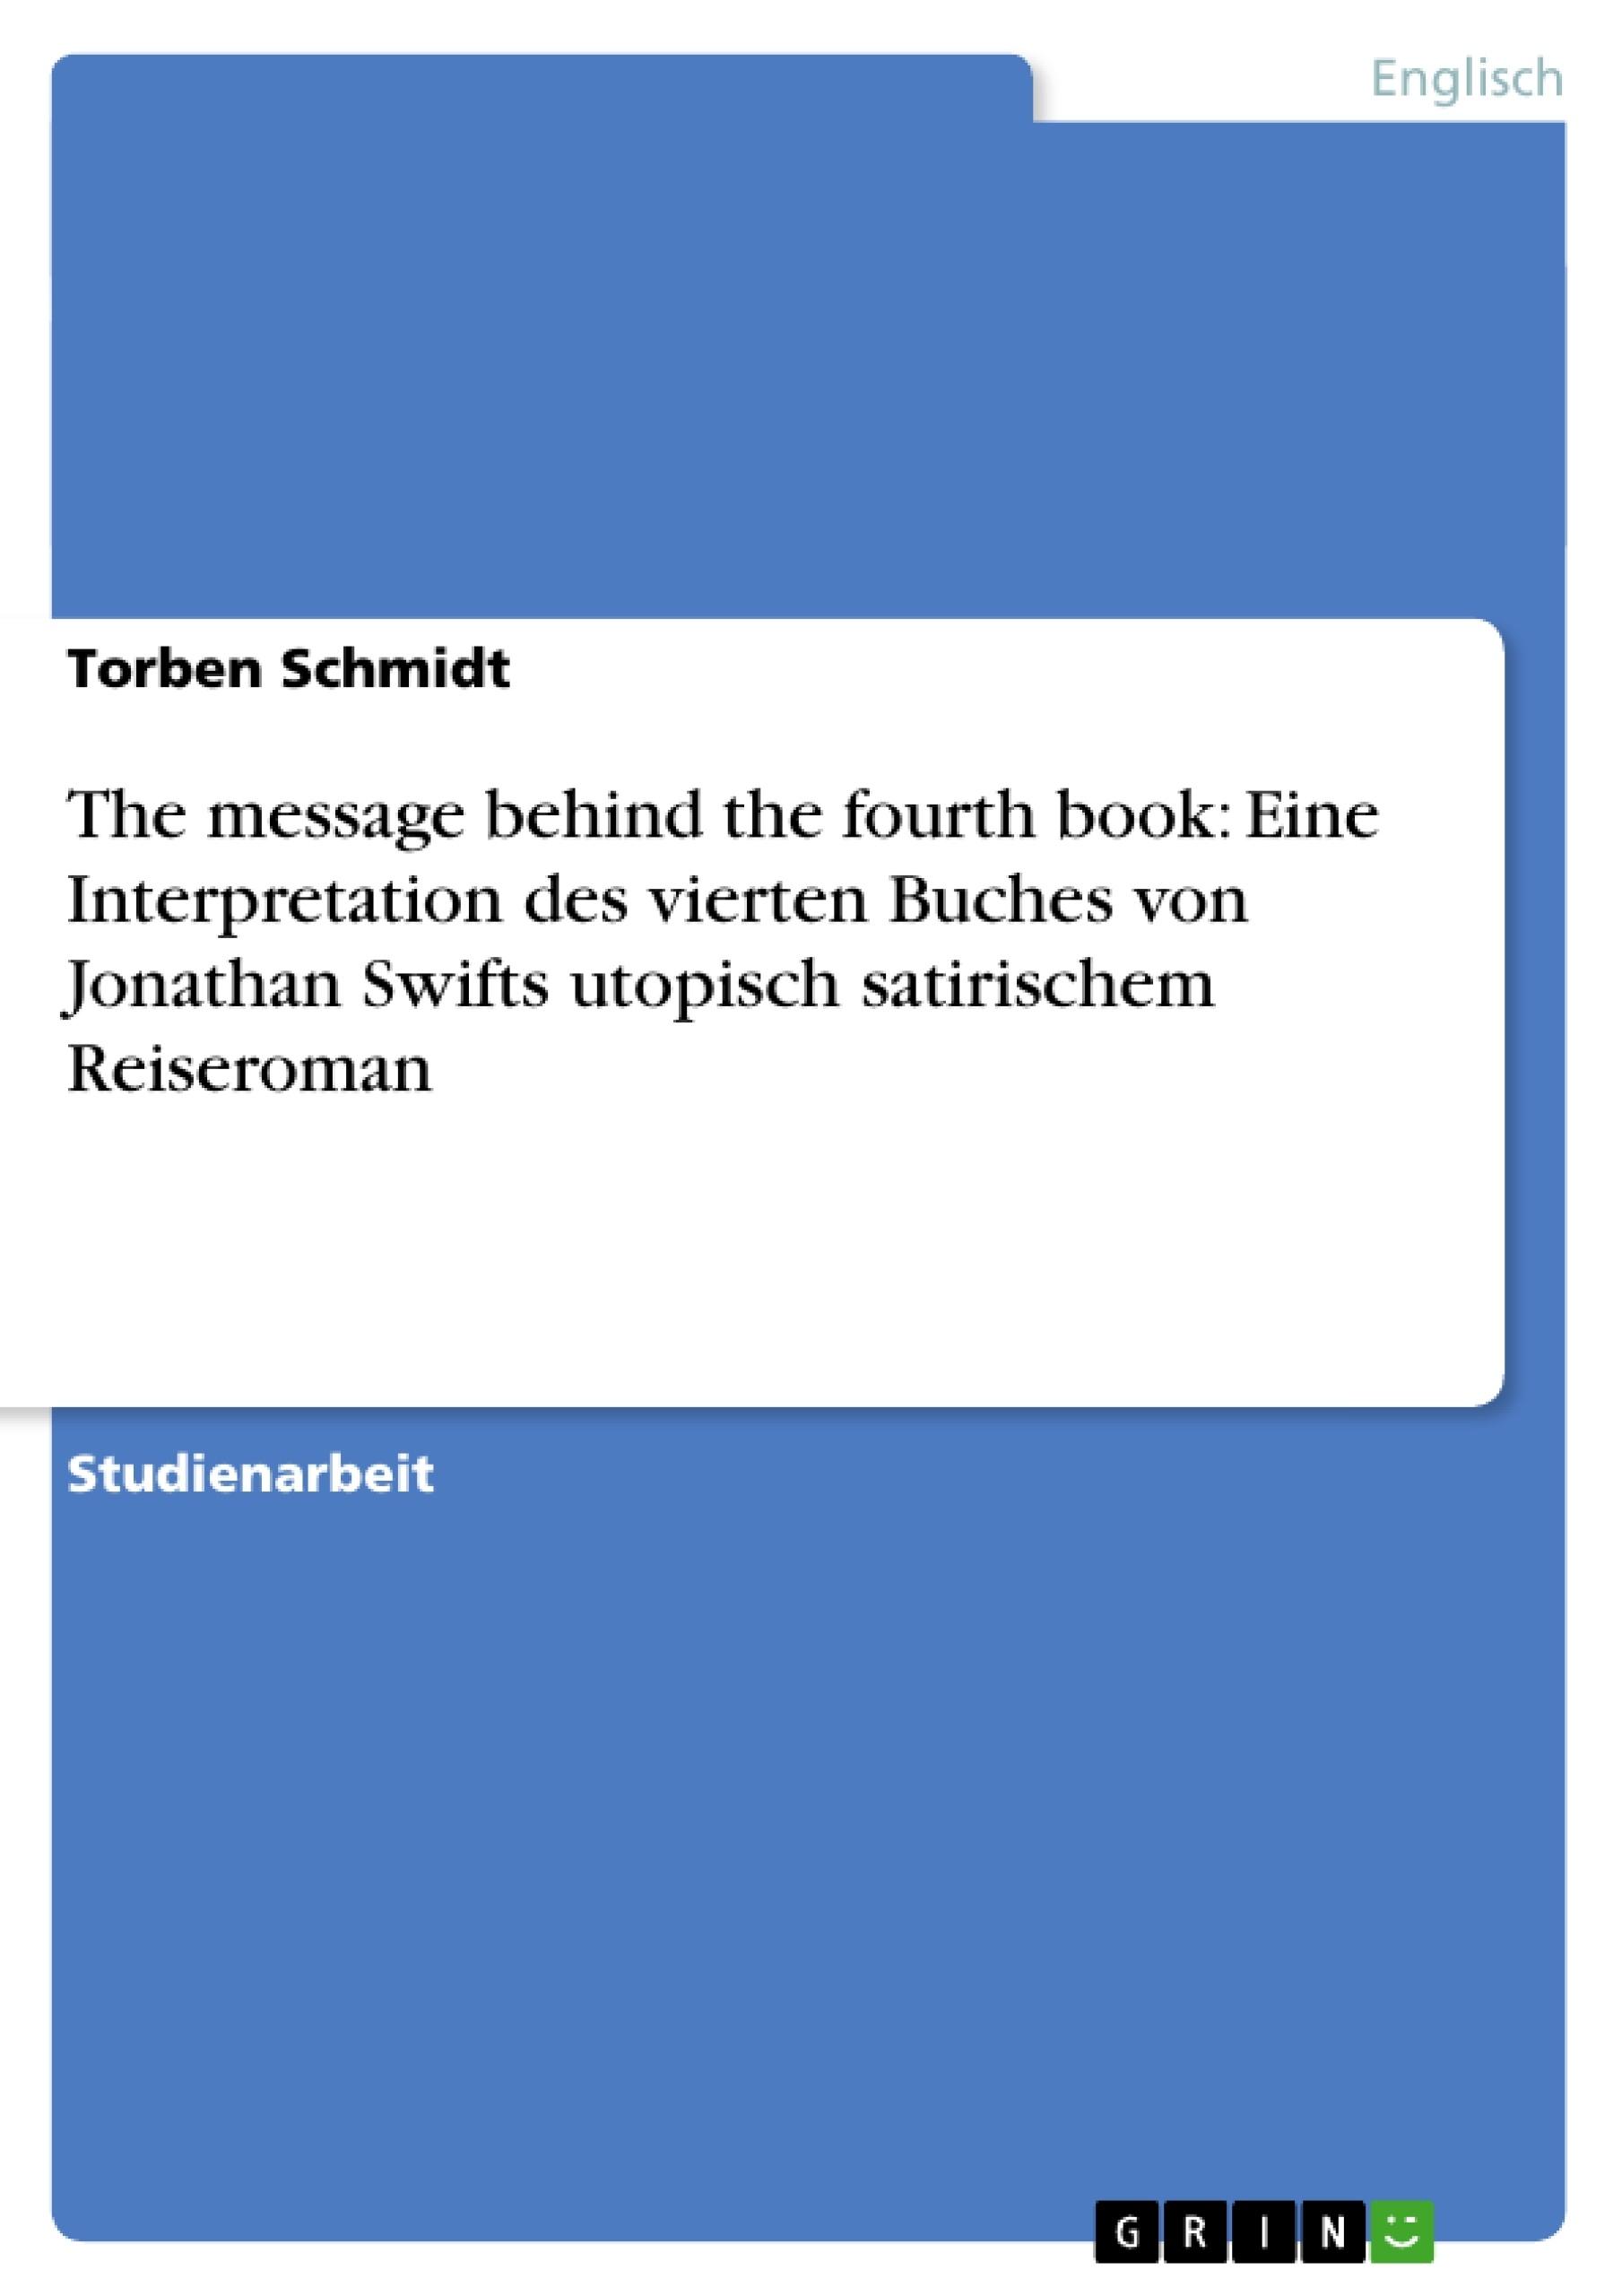 Titel: The message behind the fourth book: Eine Interpretation des vierten Buches von Jonathan Swifts utopisch satirischem Reiseroman